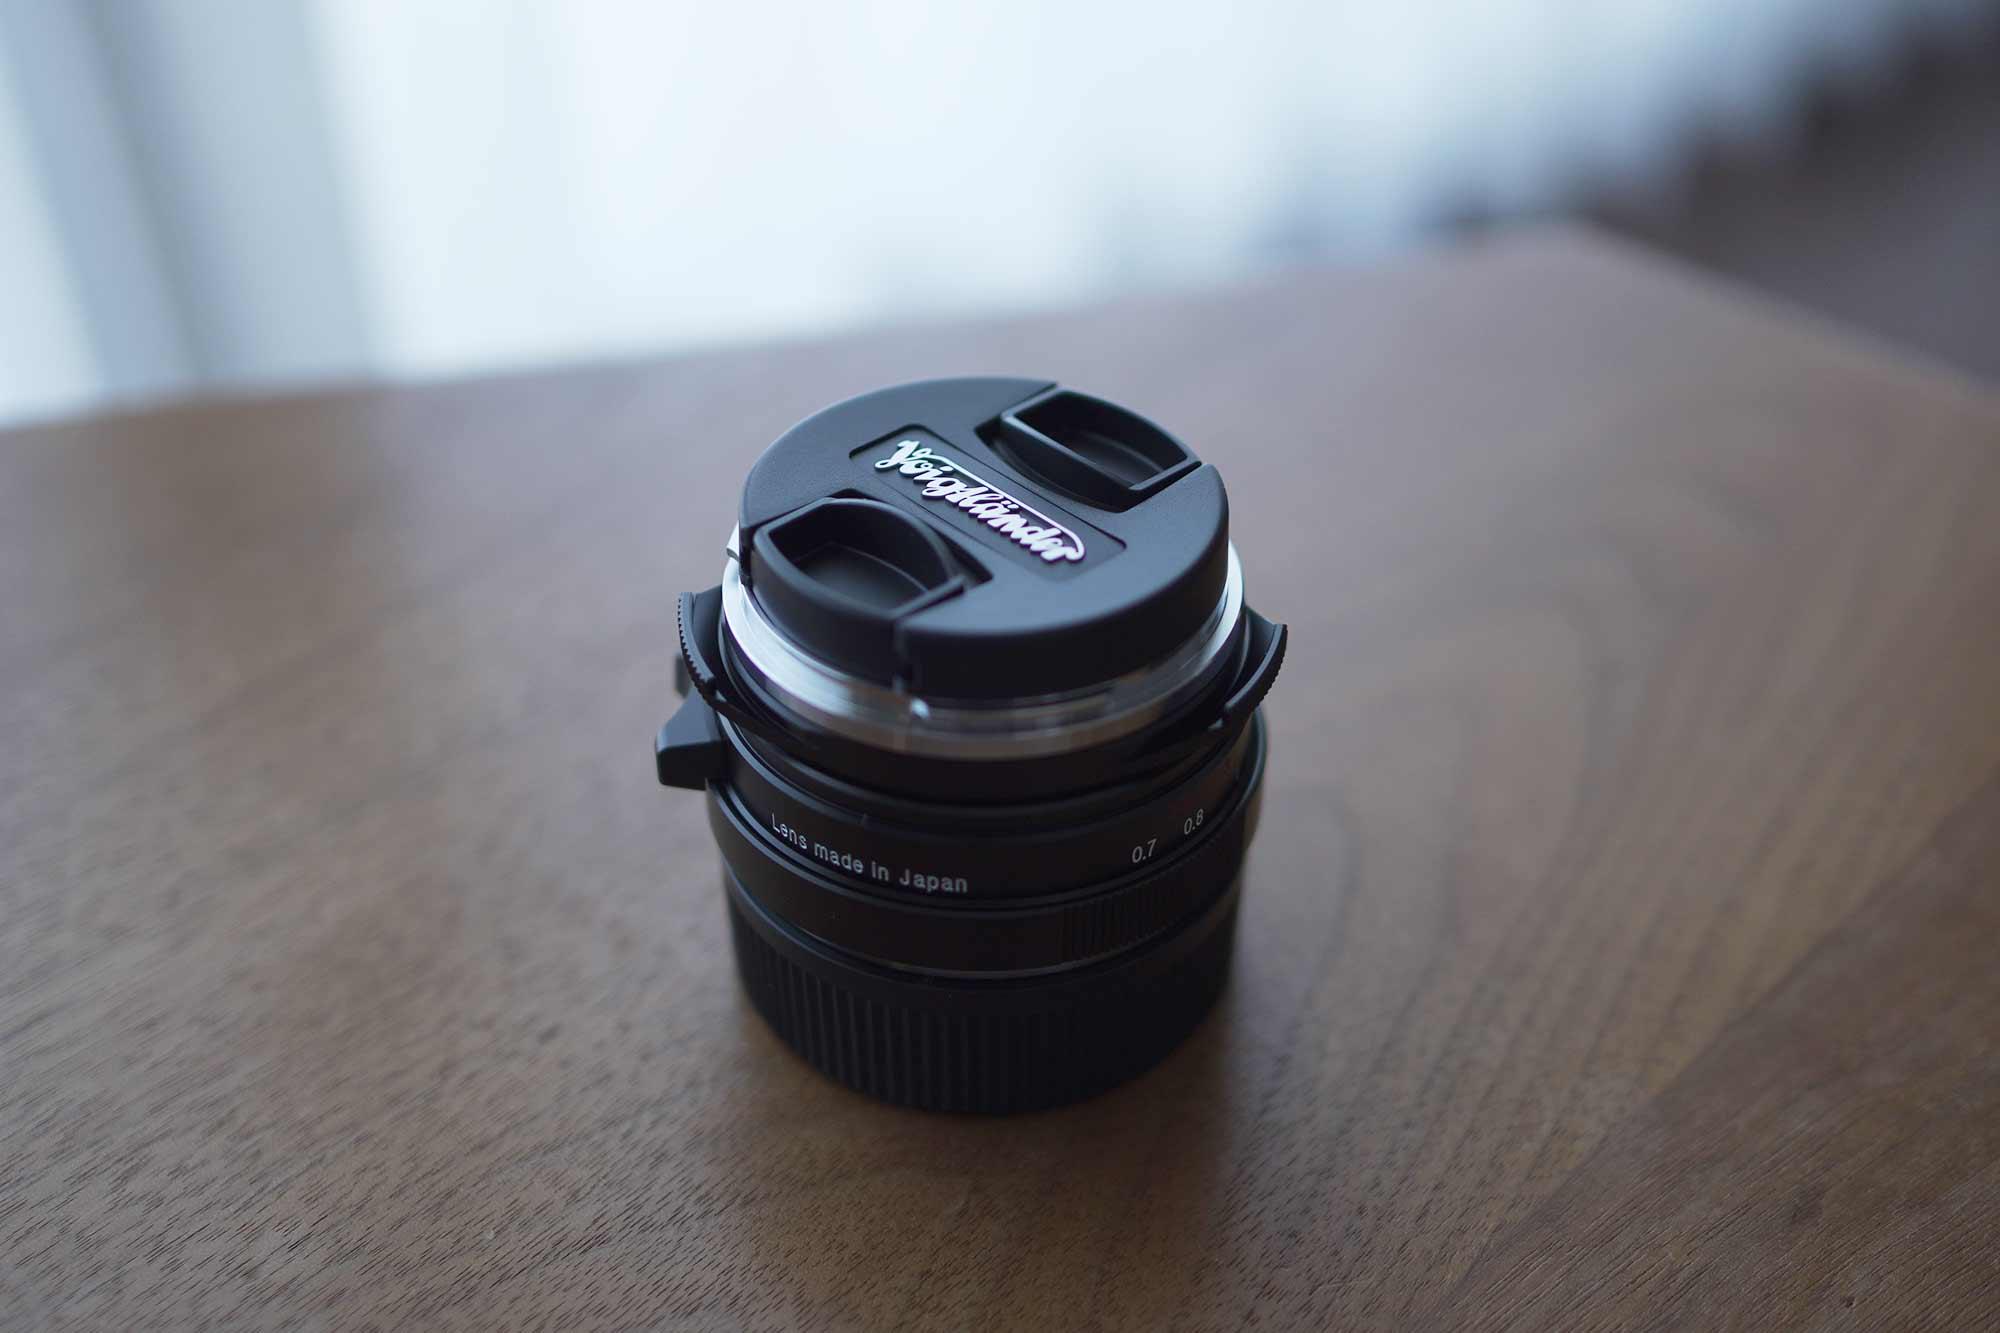 フォクトレンダー,カメラ,レンズ,クラシック,オールドレンズ,40mm,f1.4,カッコいい